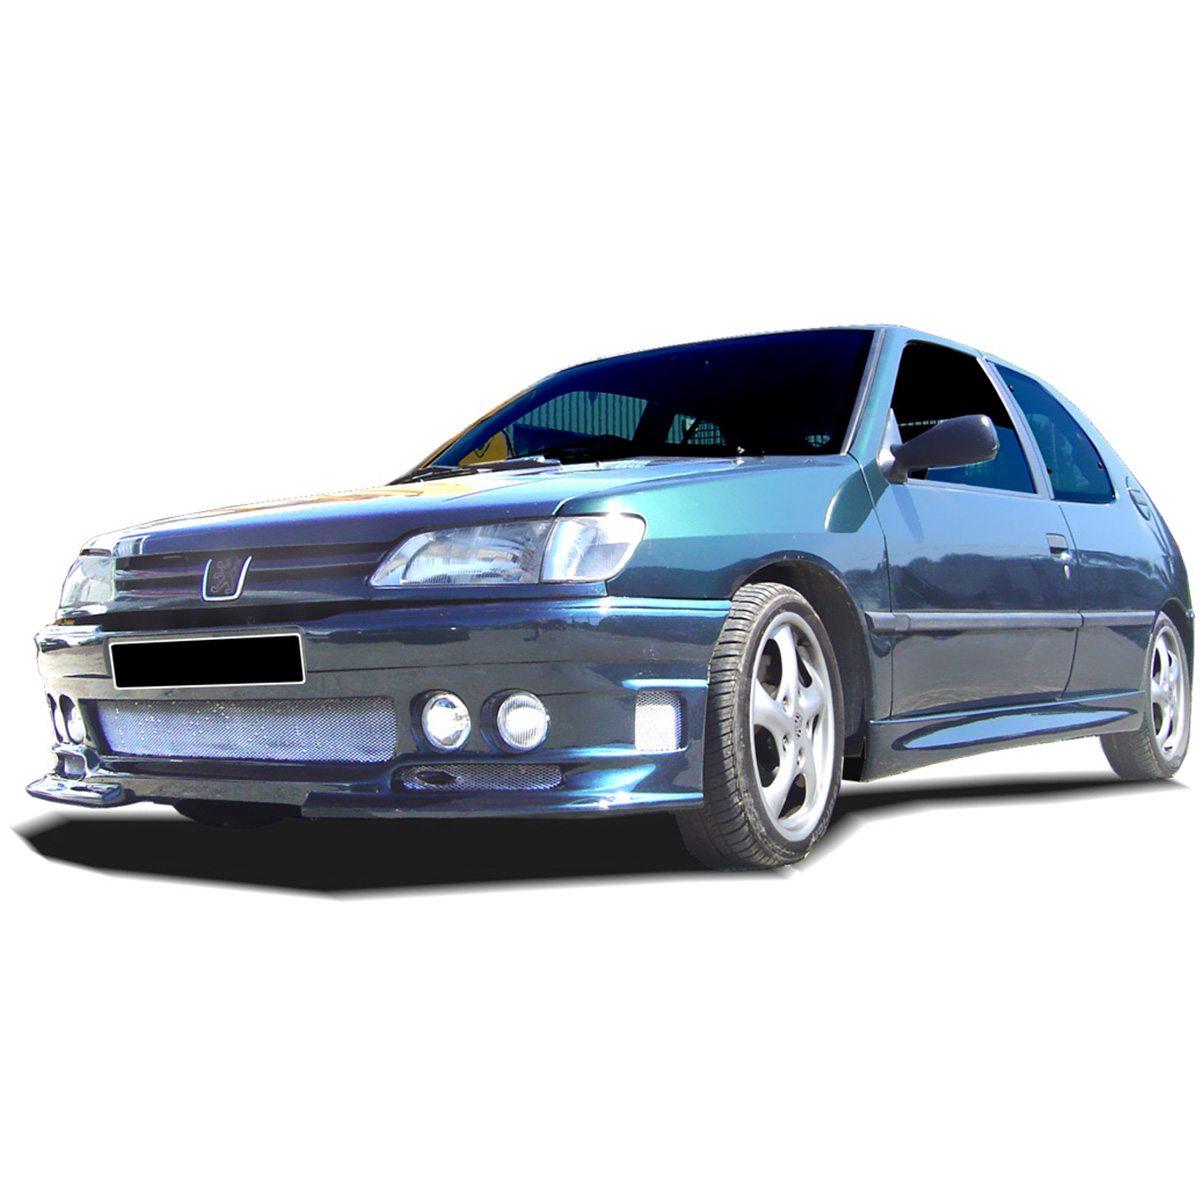 Peugeot-306-I-PCA087